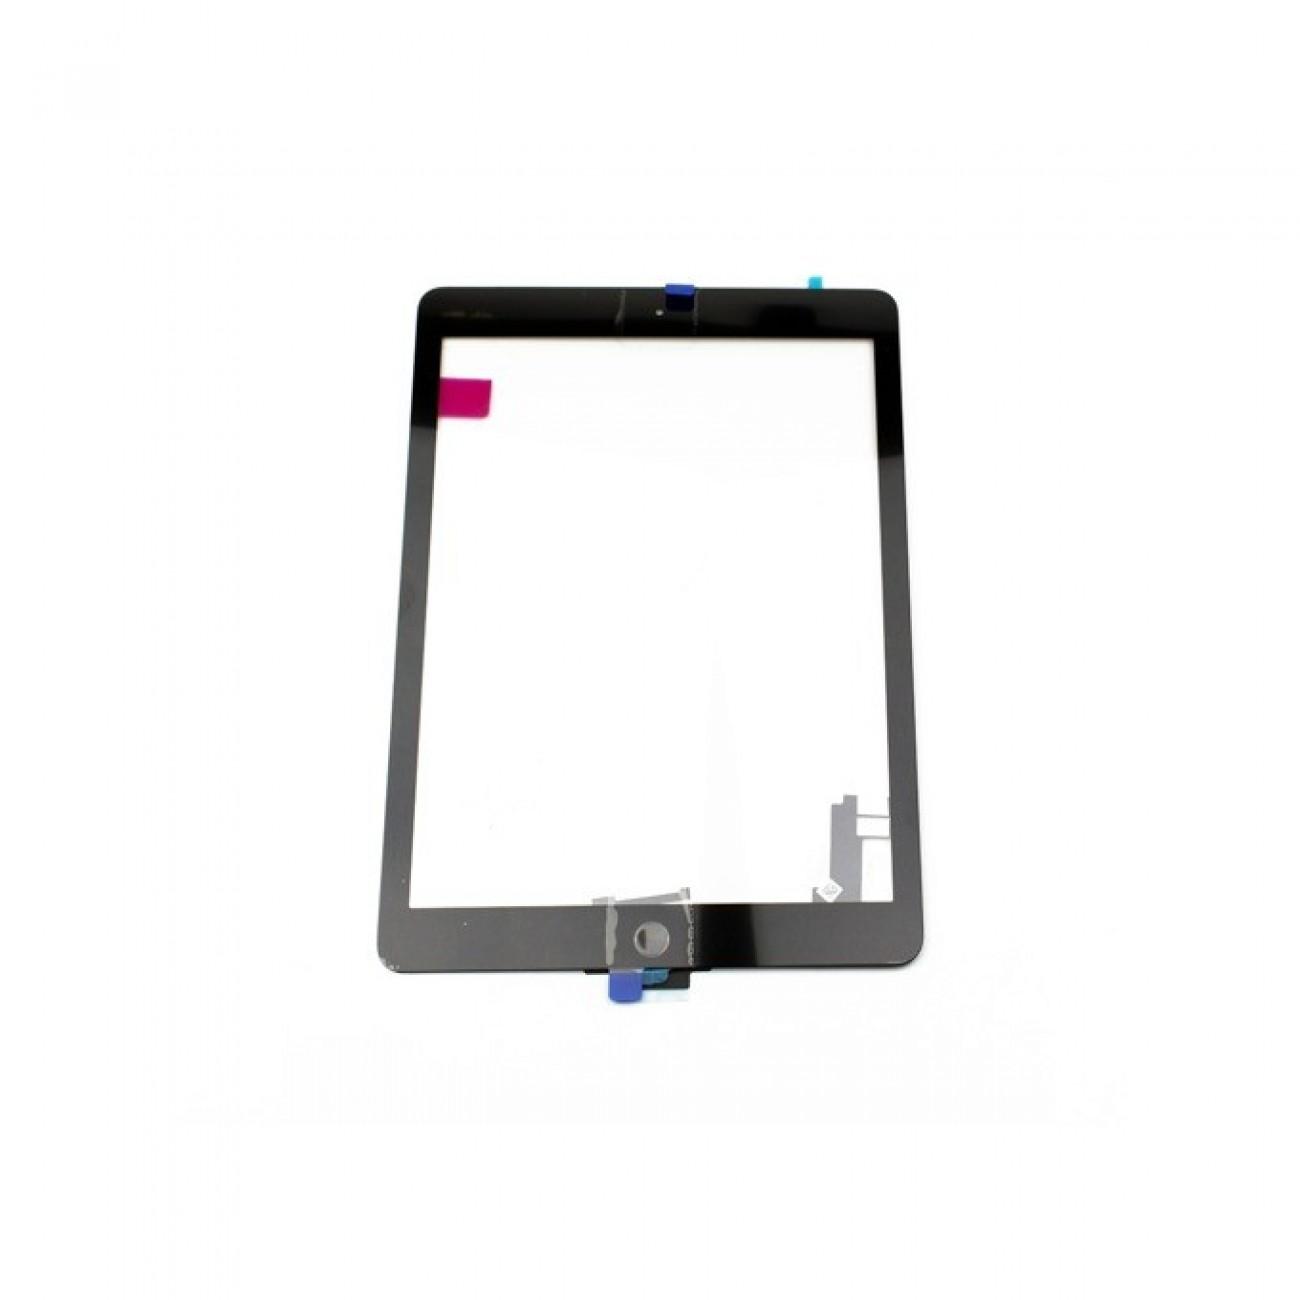 Тъч модул за Apple iPad 2 (iPAD6) A1566/A1567, 9.7 (24.63 cm), touch, черен в Резервни части -  | Alleop